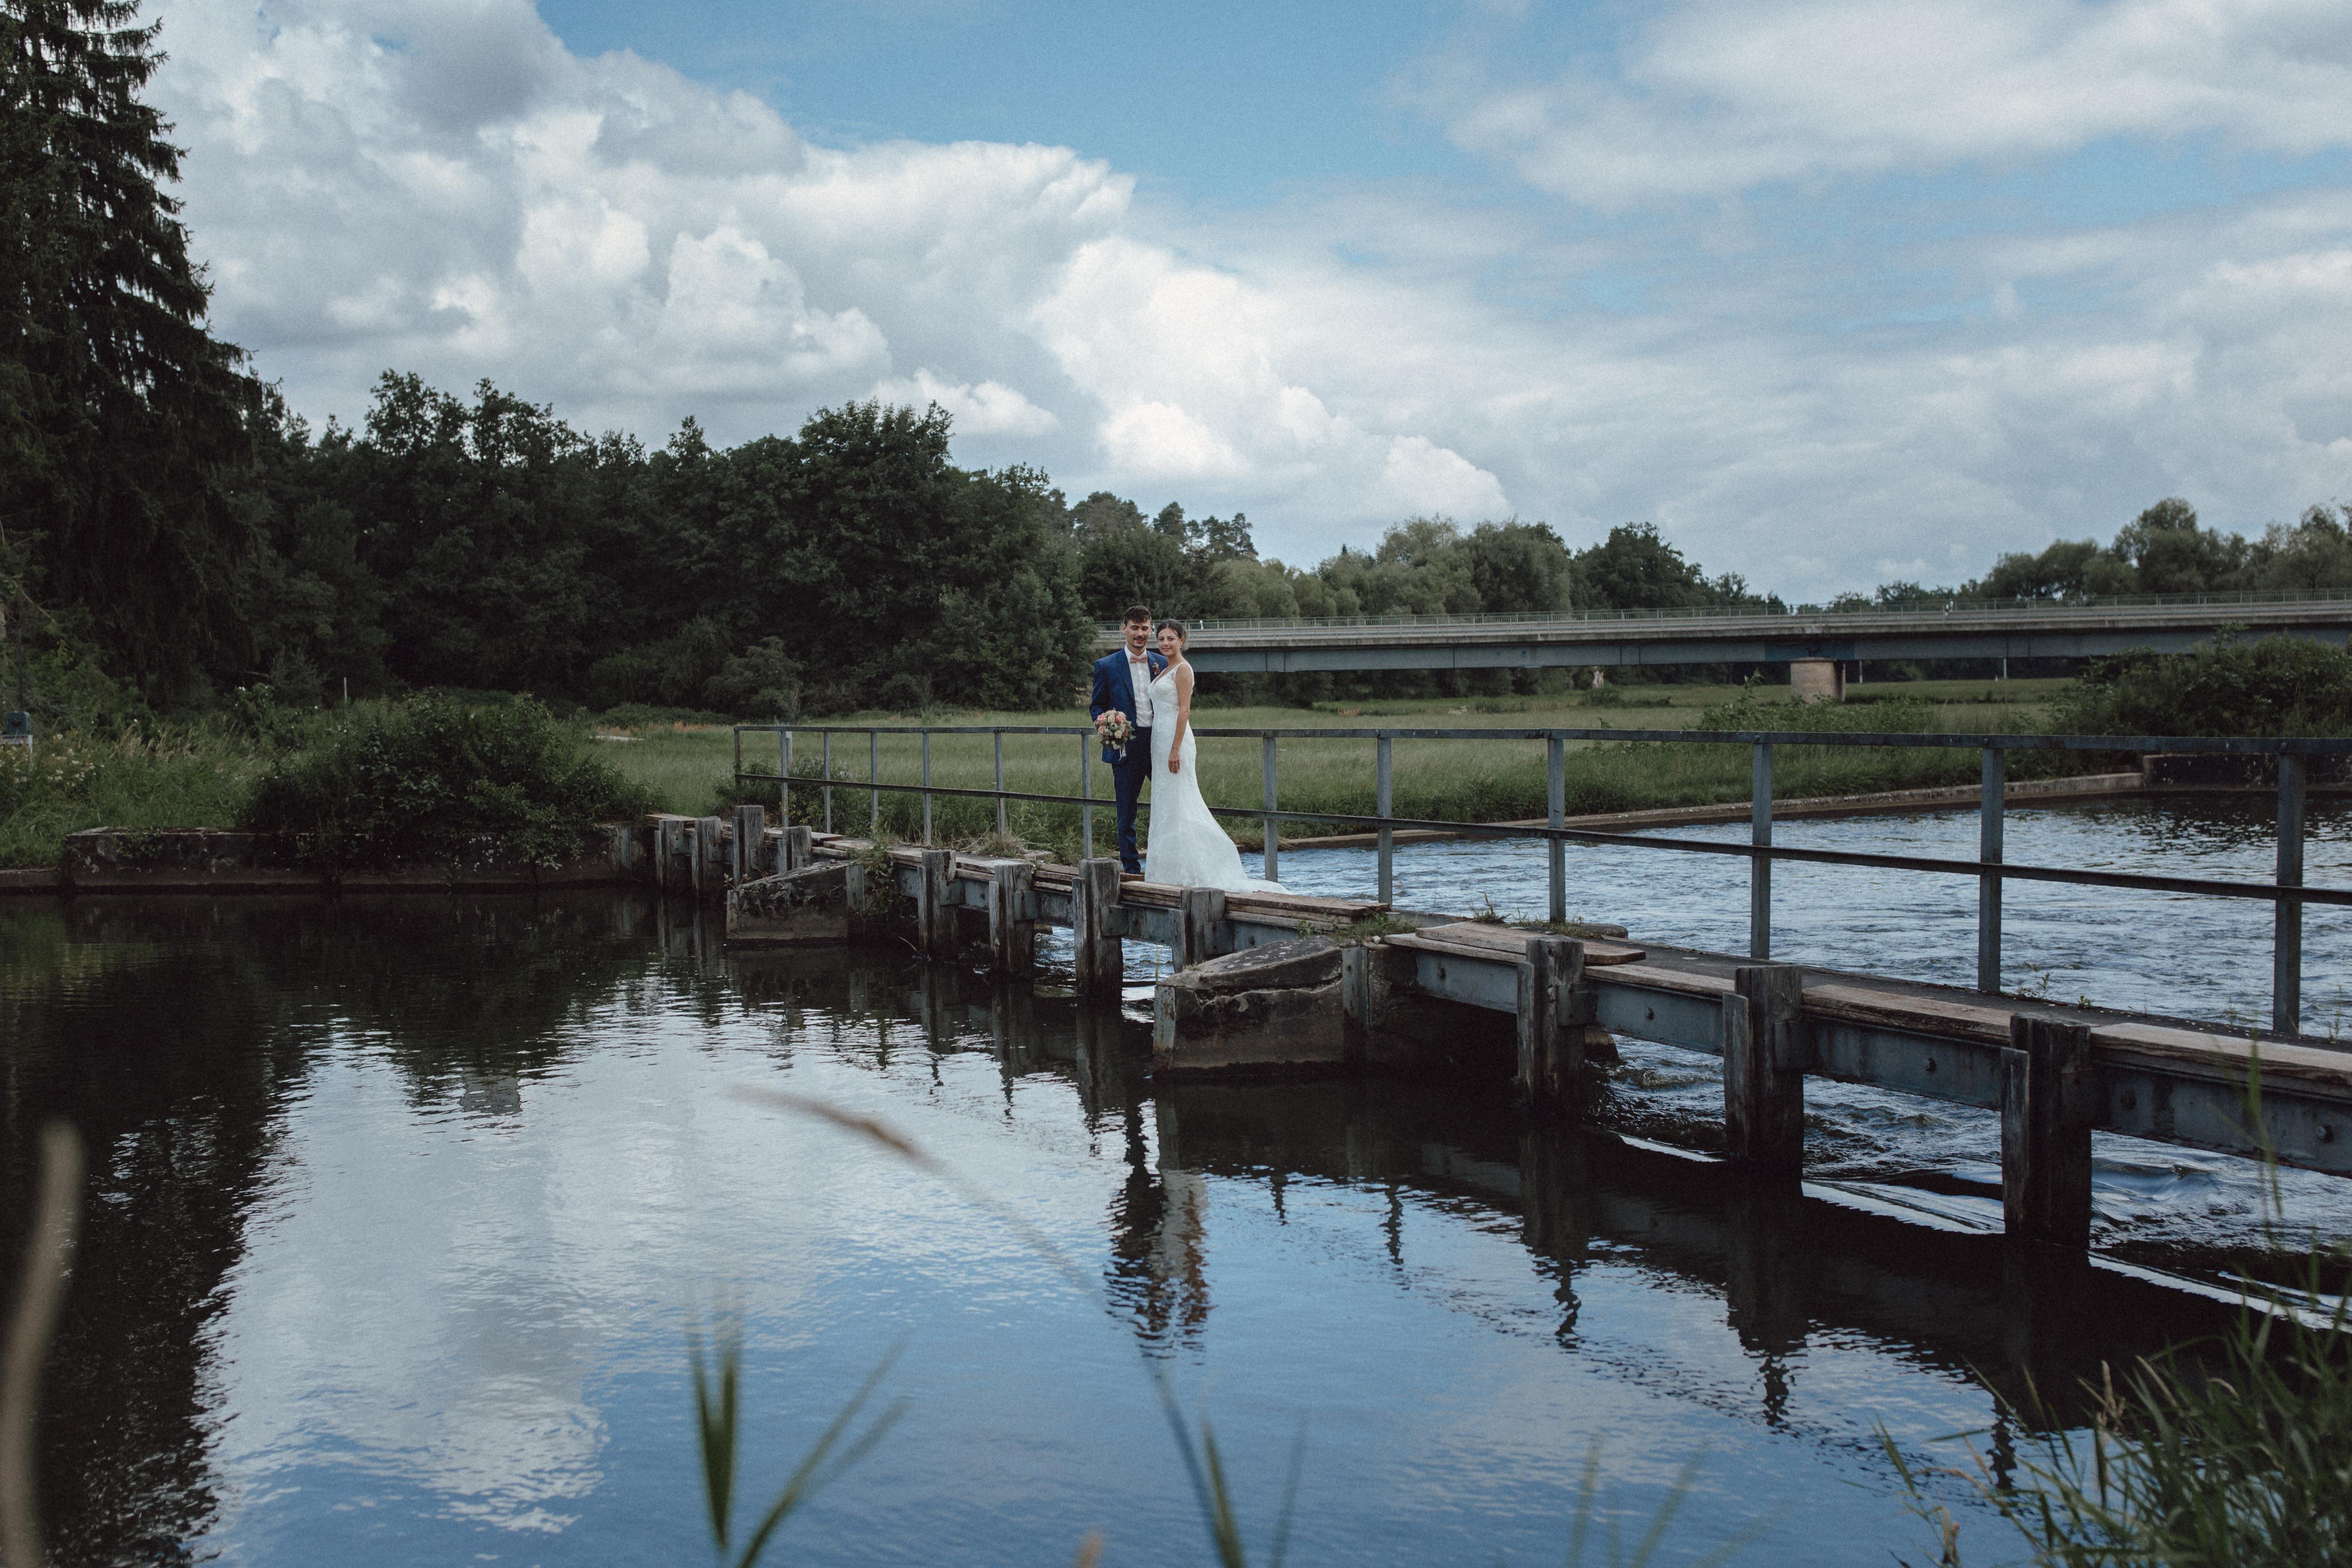 URBANERIE_Hochzeitsfotografin_Nürnberg_Fürth_Erlangen_Schwabach_170715_001_0029